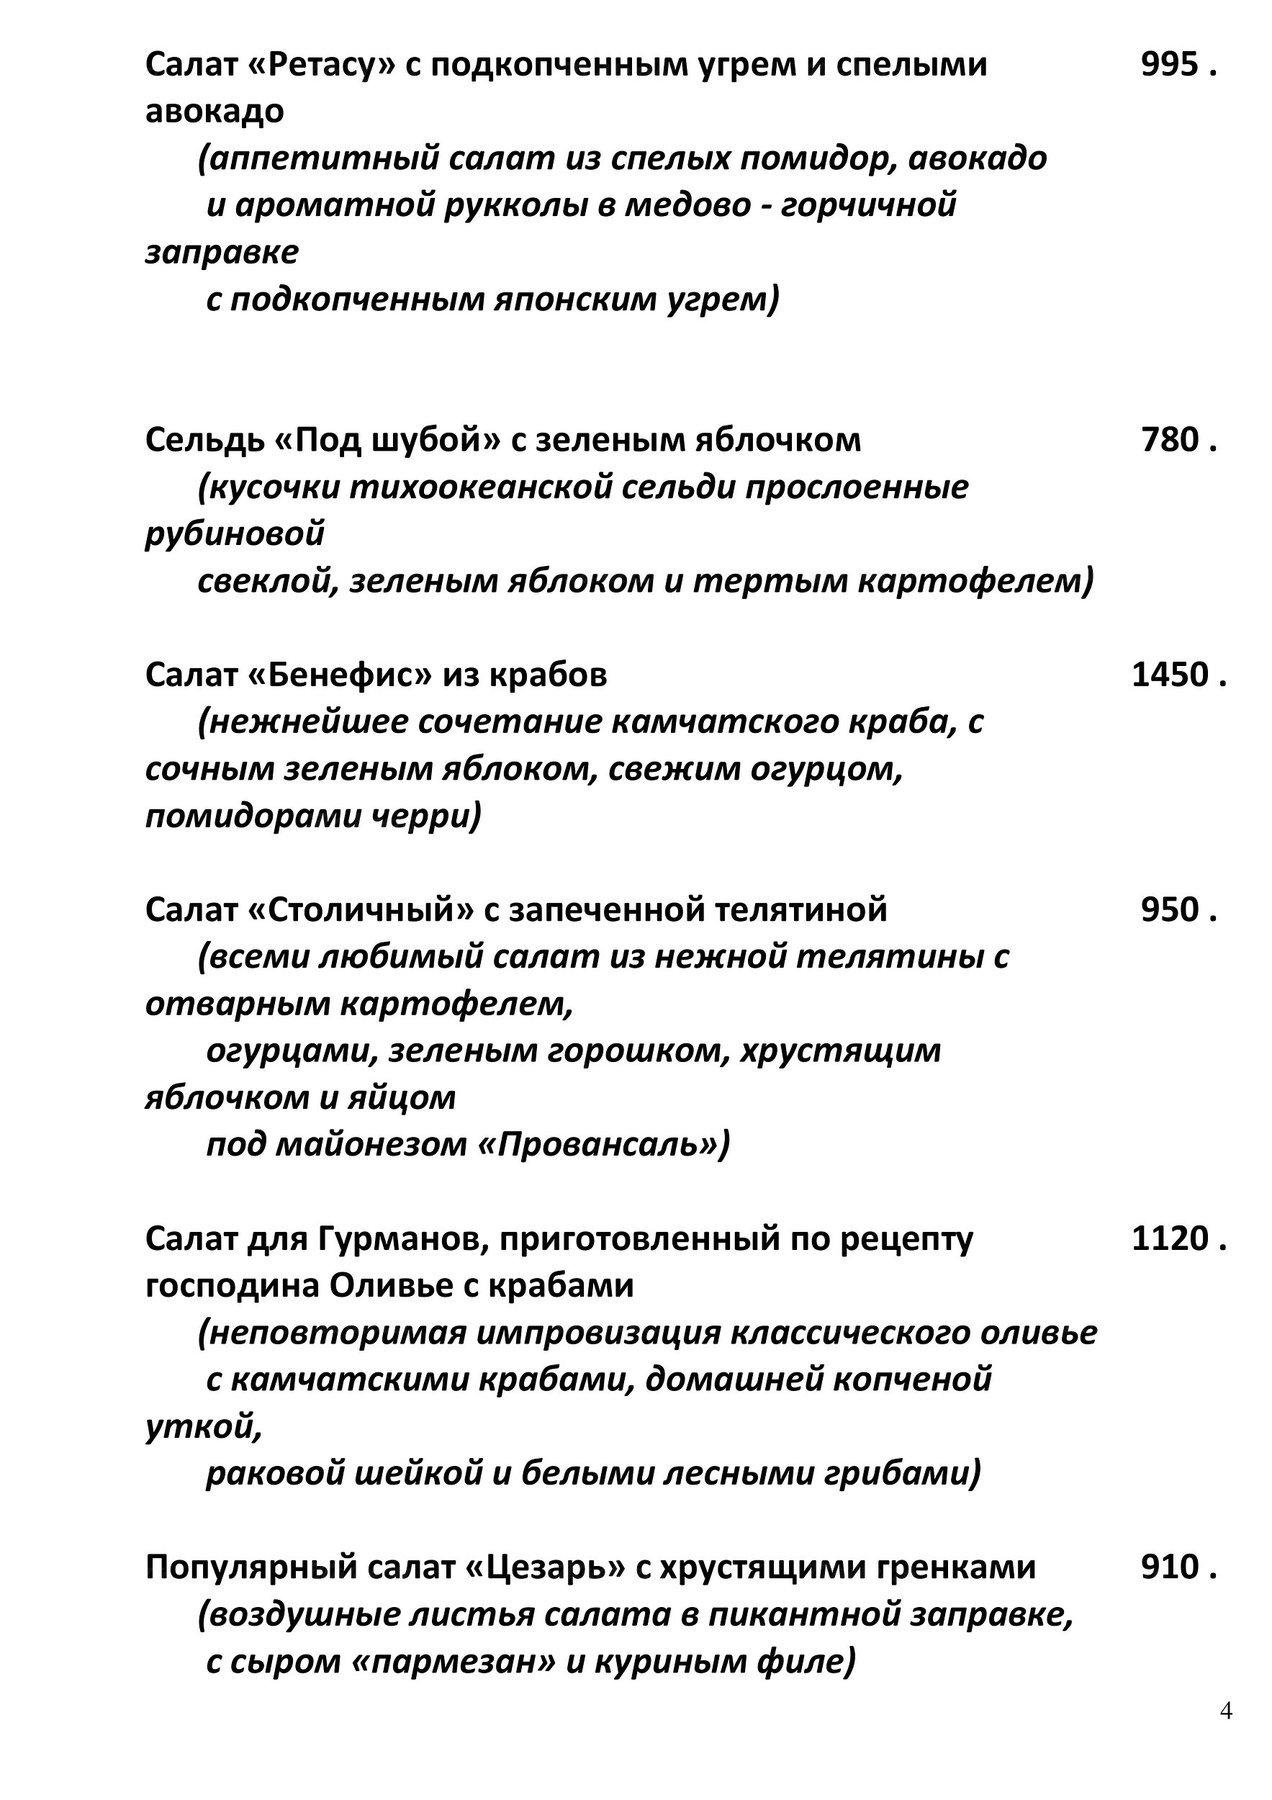 Меню ресторана Семь Пятниц на Воронцовской улице фото 4